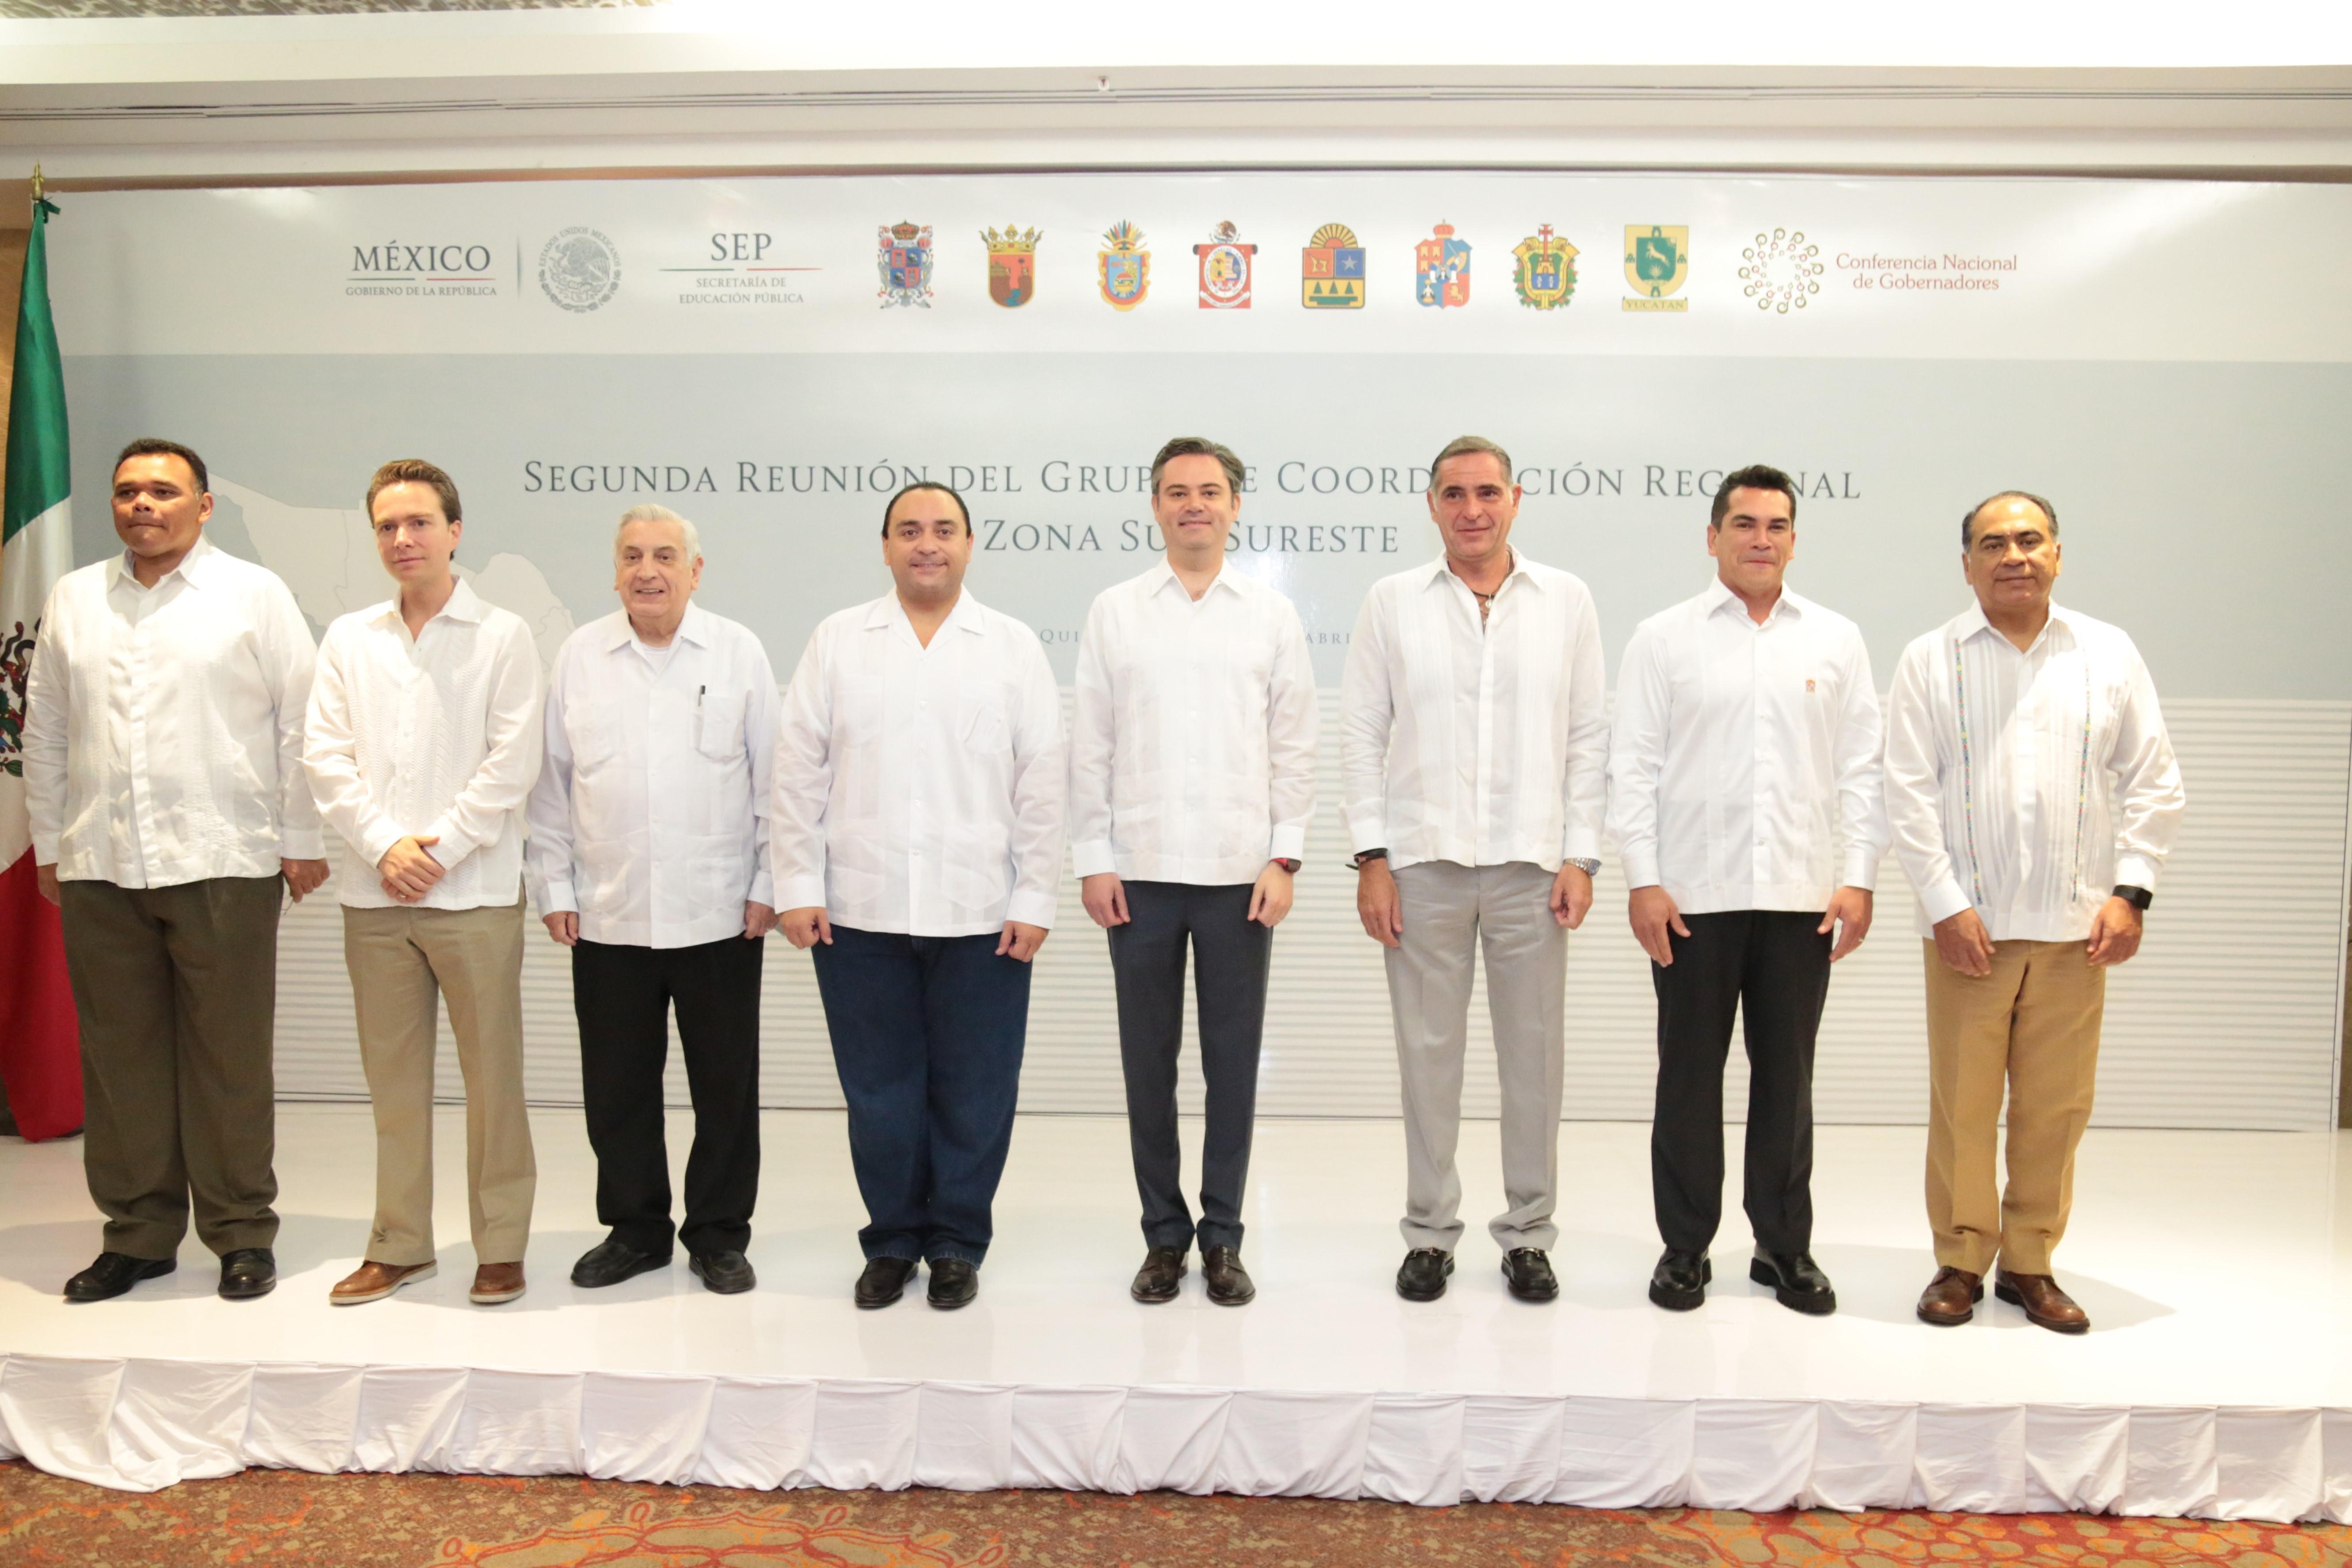 Firman Acuerdo de Cancún al concluir la Segunda Reunión del Grupo de Coordinación Regional Zona Sur-Sureste